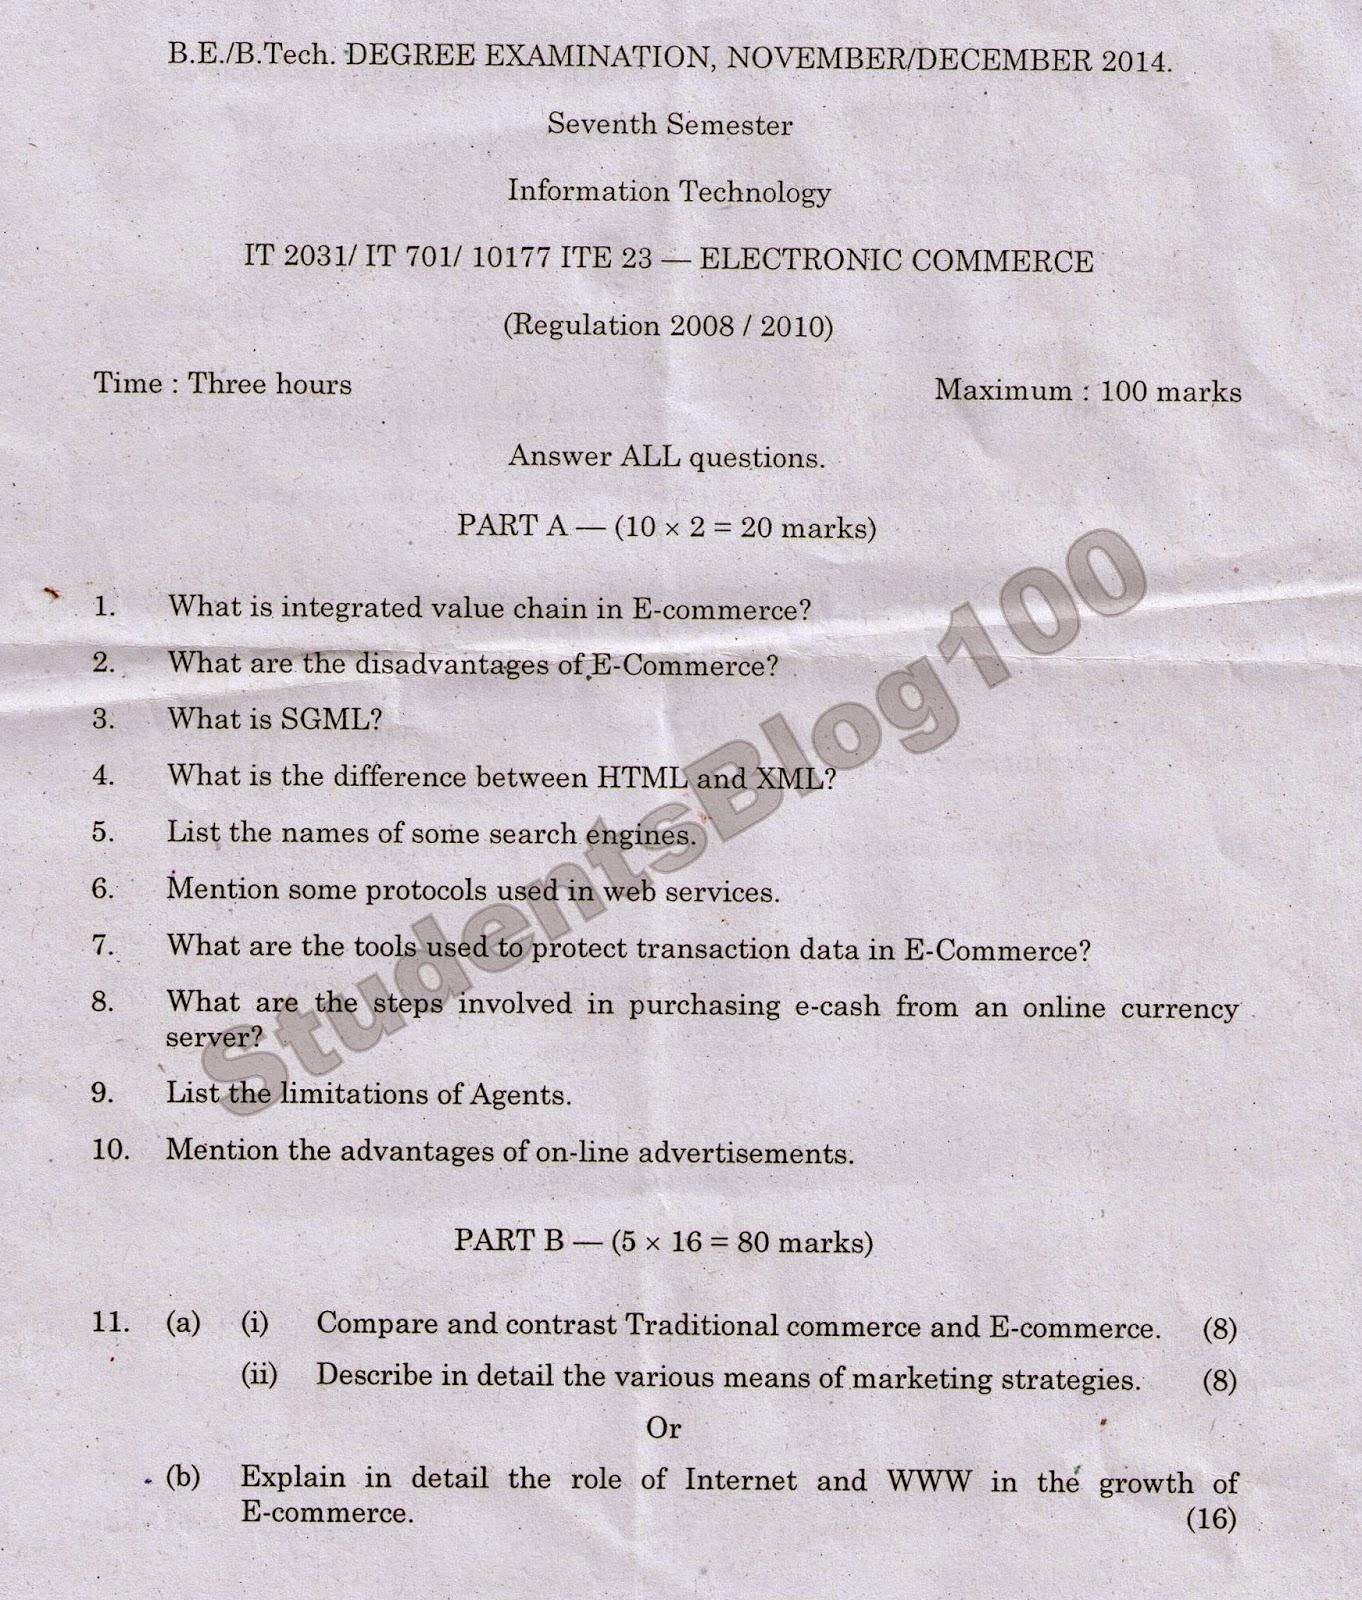 ANNA UNIVERSITY IT2031 ELECTRONIC COMMERCE NOV/DEC 2014 QUESTION PAPER